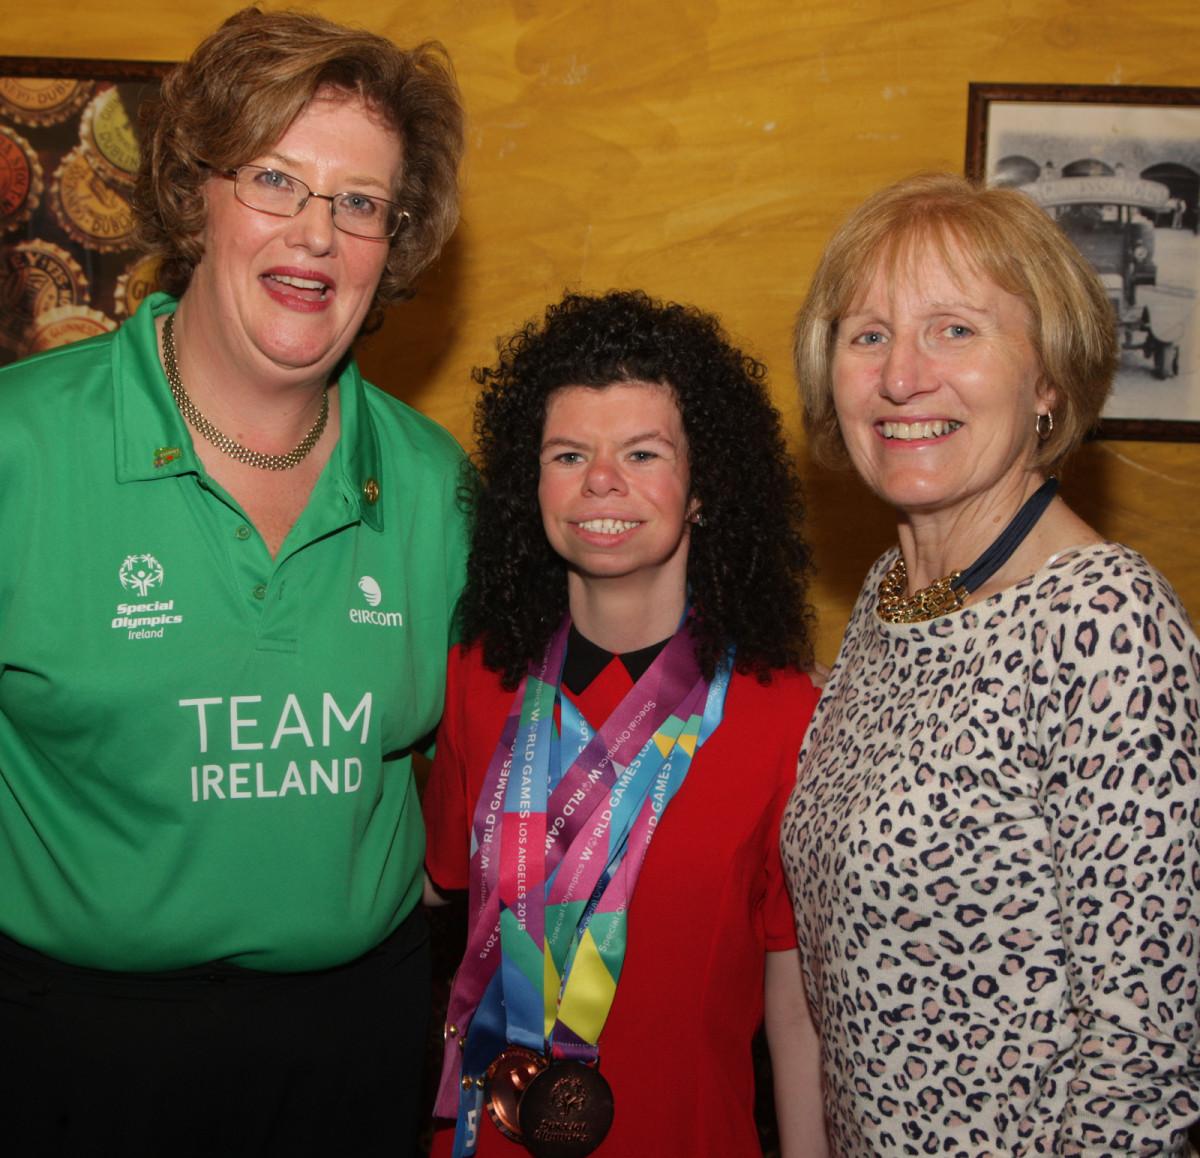 Cllr Maria Byrne and Cllr Marian Hurley with Olympian Ashleigh O'Hagan. Picture: Dermot Lynch